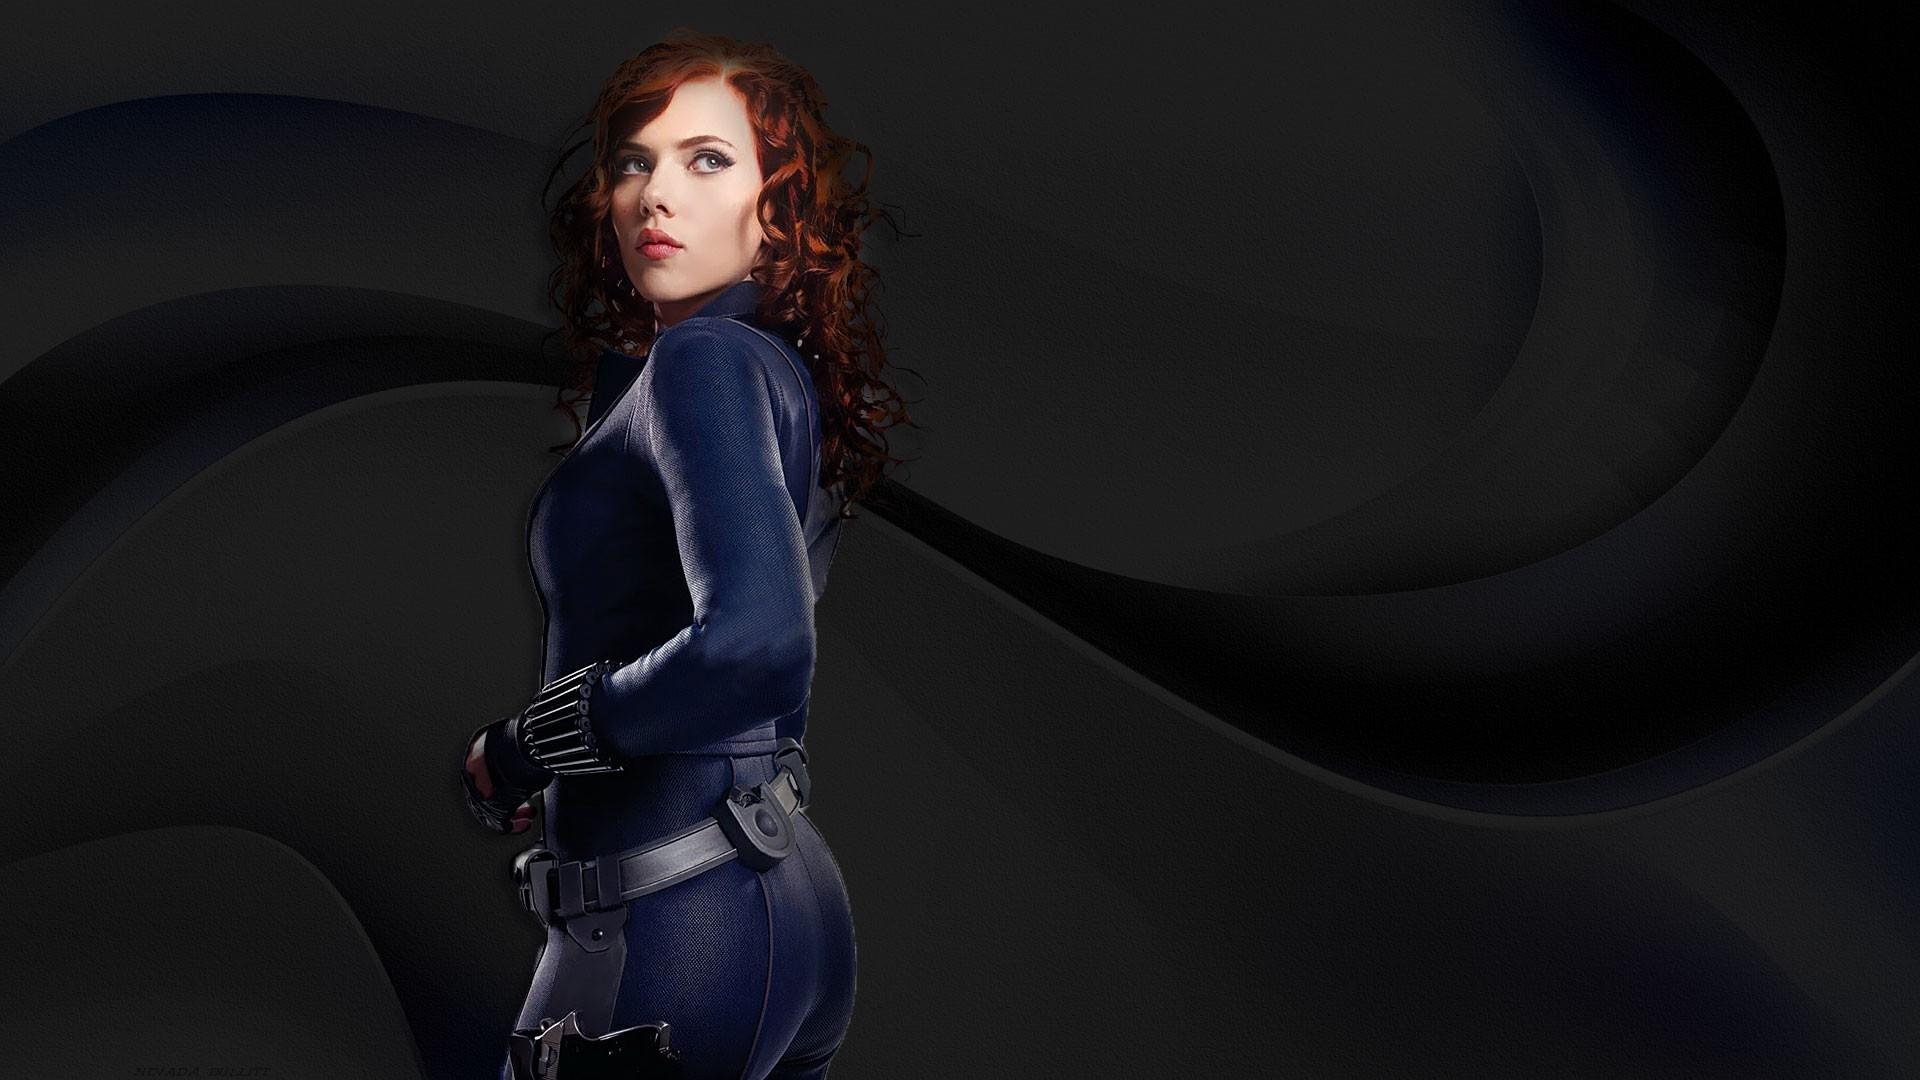 Scarlett Johansson images Black Widow Iron Man Widescreen